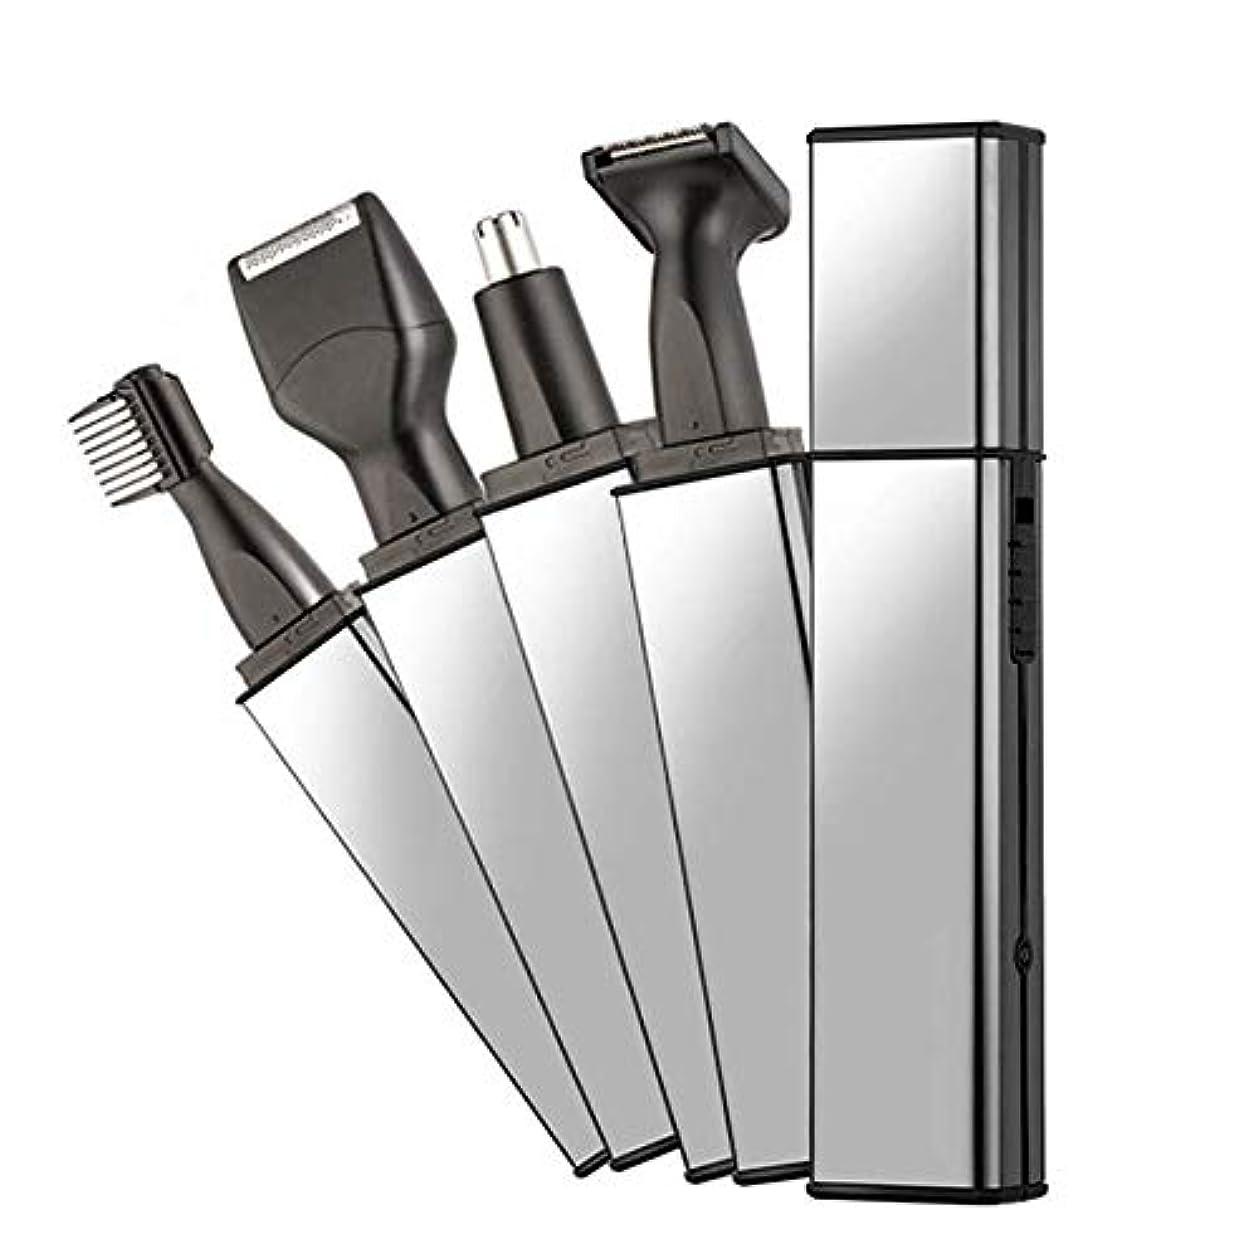 滑る心理的に圧力(イスイ) YISHUI シェーバー 超軽量 4イン1多機能 耳毛 ヒゲ たてがみ 眉毛シェーバー 鼻毛切り 水洗い可 スタンド付き 収納ポケット付き 携帯便利 安全にお手入れ 男女兼用 USB充電